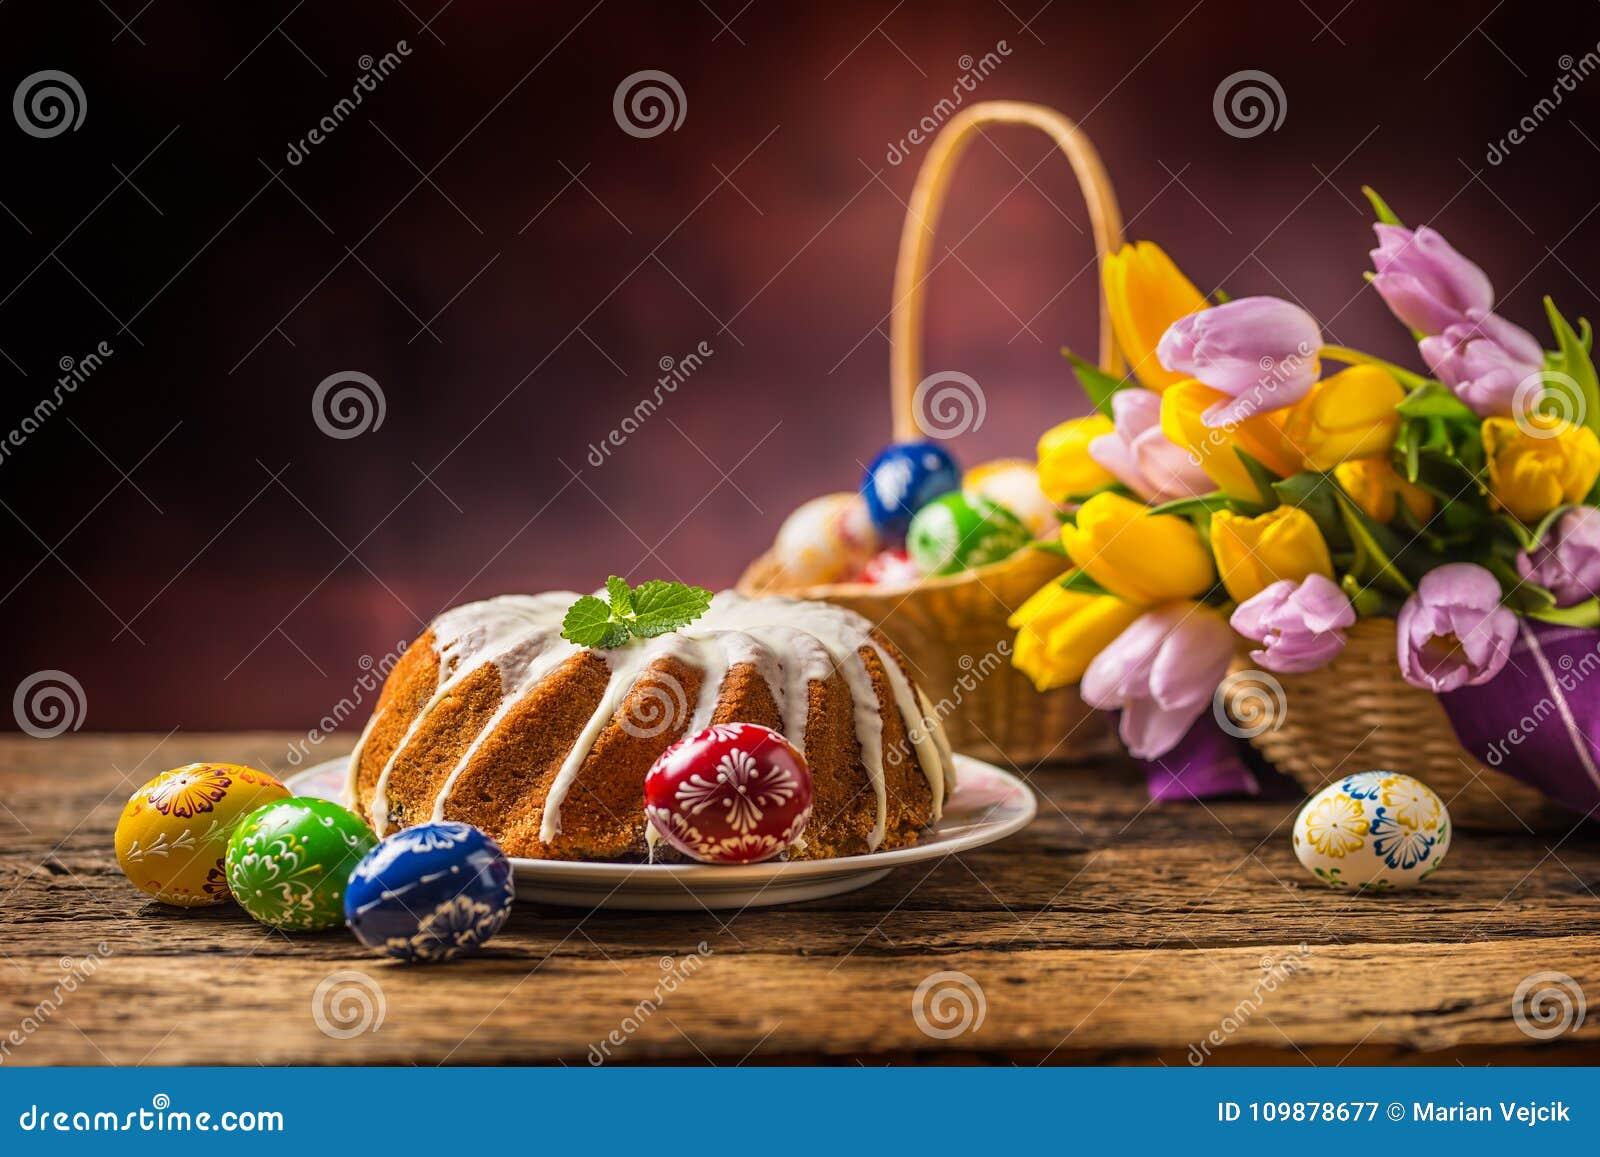 традиция пасхи торта хлеба декоративная Торт традиционного кольца мраморный с украшением пасхи